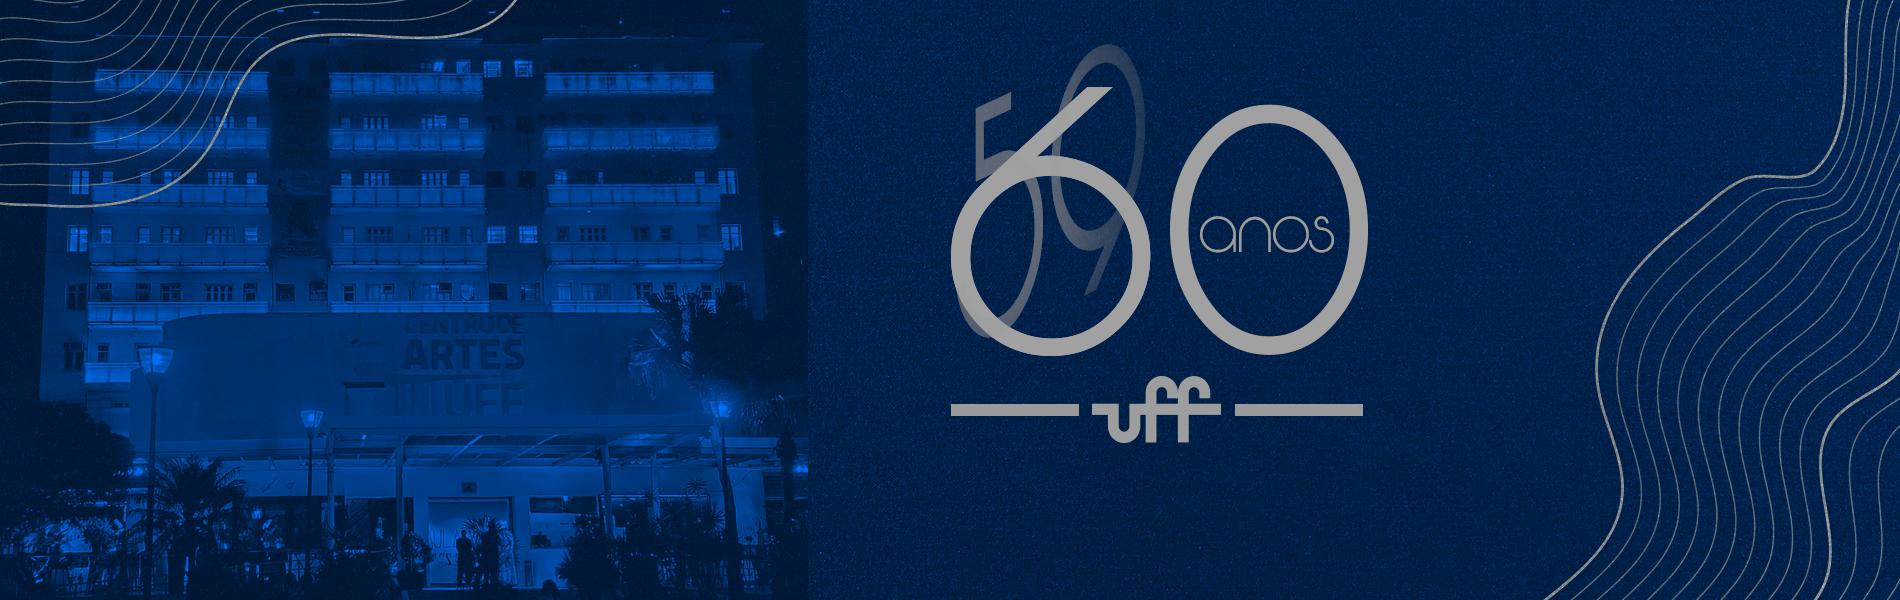 imagem da reitoria e do logo de comemoração dos 60 anos da UFF